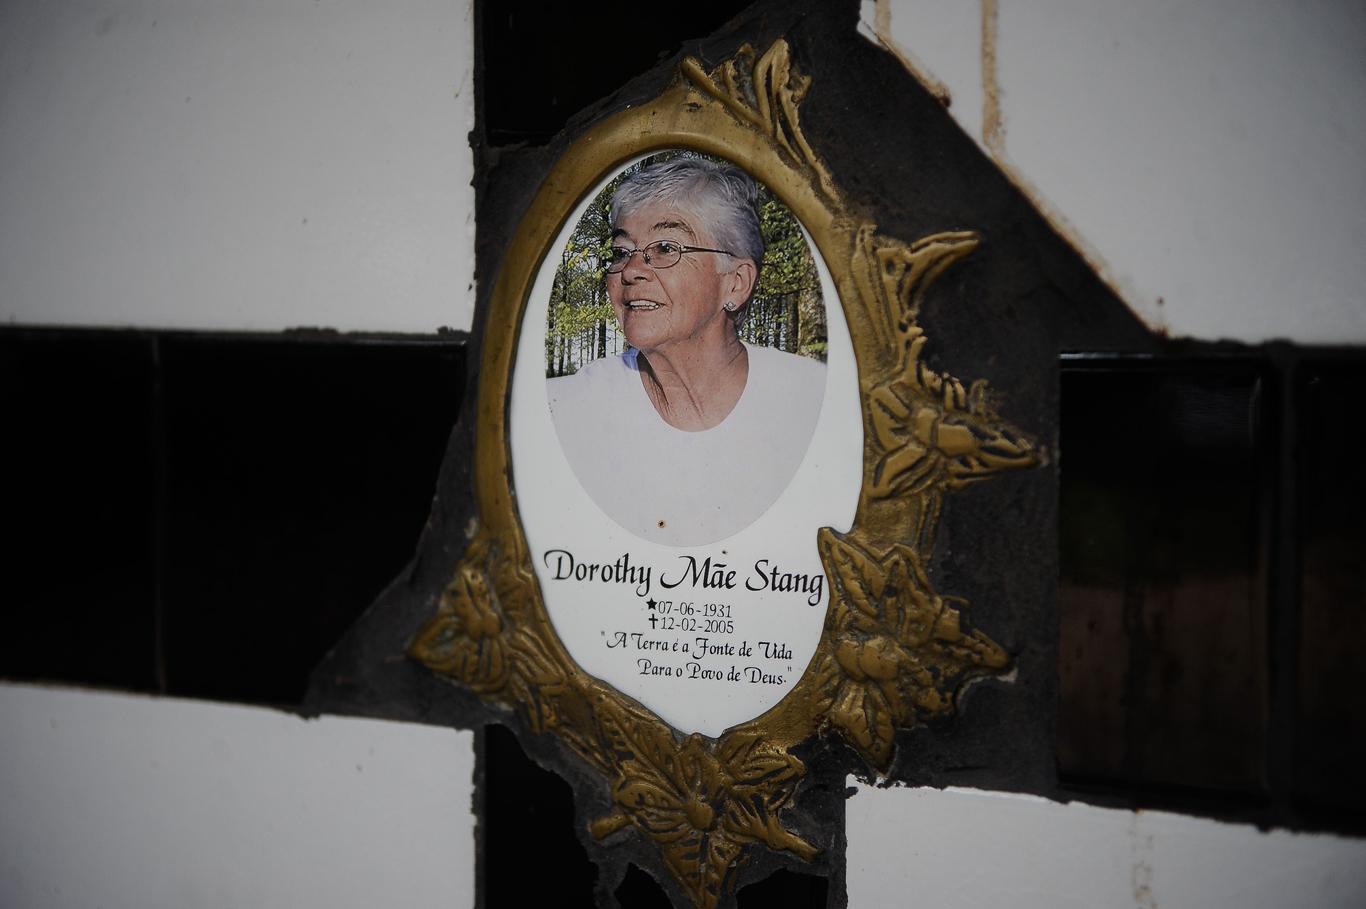 Viva Dorothy Stang